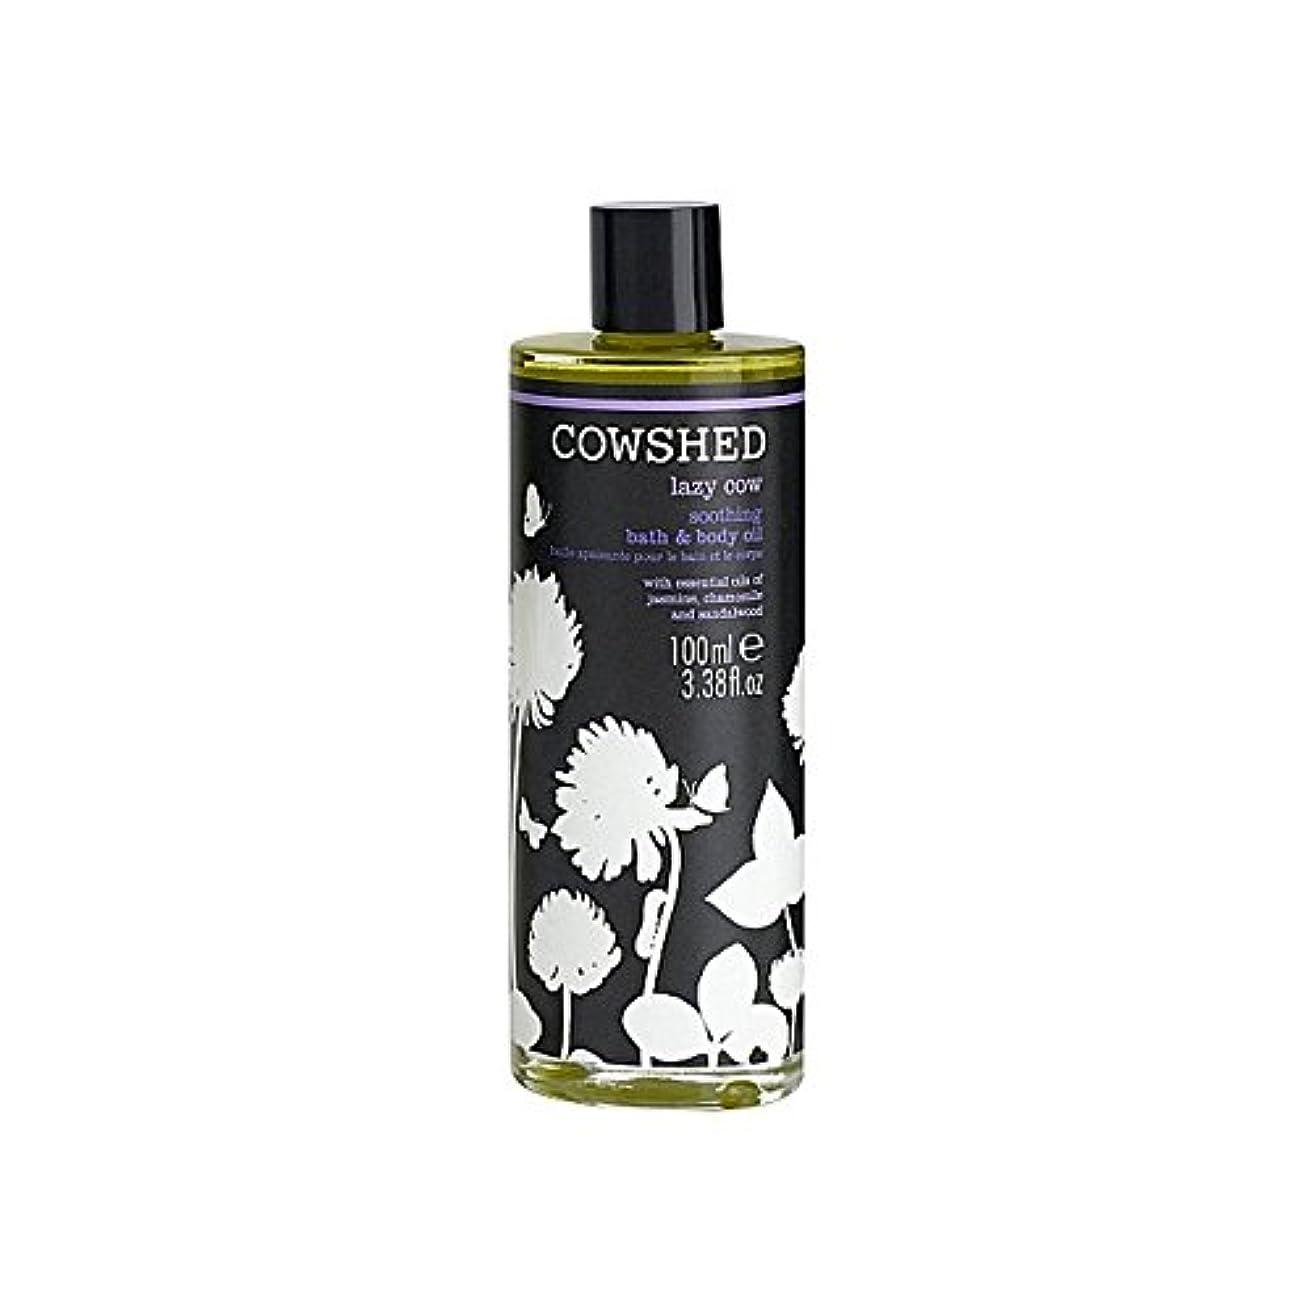 温帯ストリームペアCowshed Lazy Cow Soothing Bath & Body Oil 100ml - バス&ボディオイル100ミリリットルをなだめる牛舎怠惰な牛 [並行輸入品]